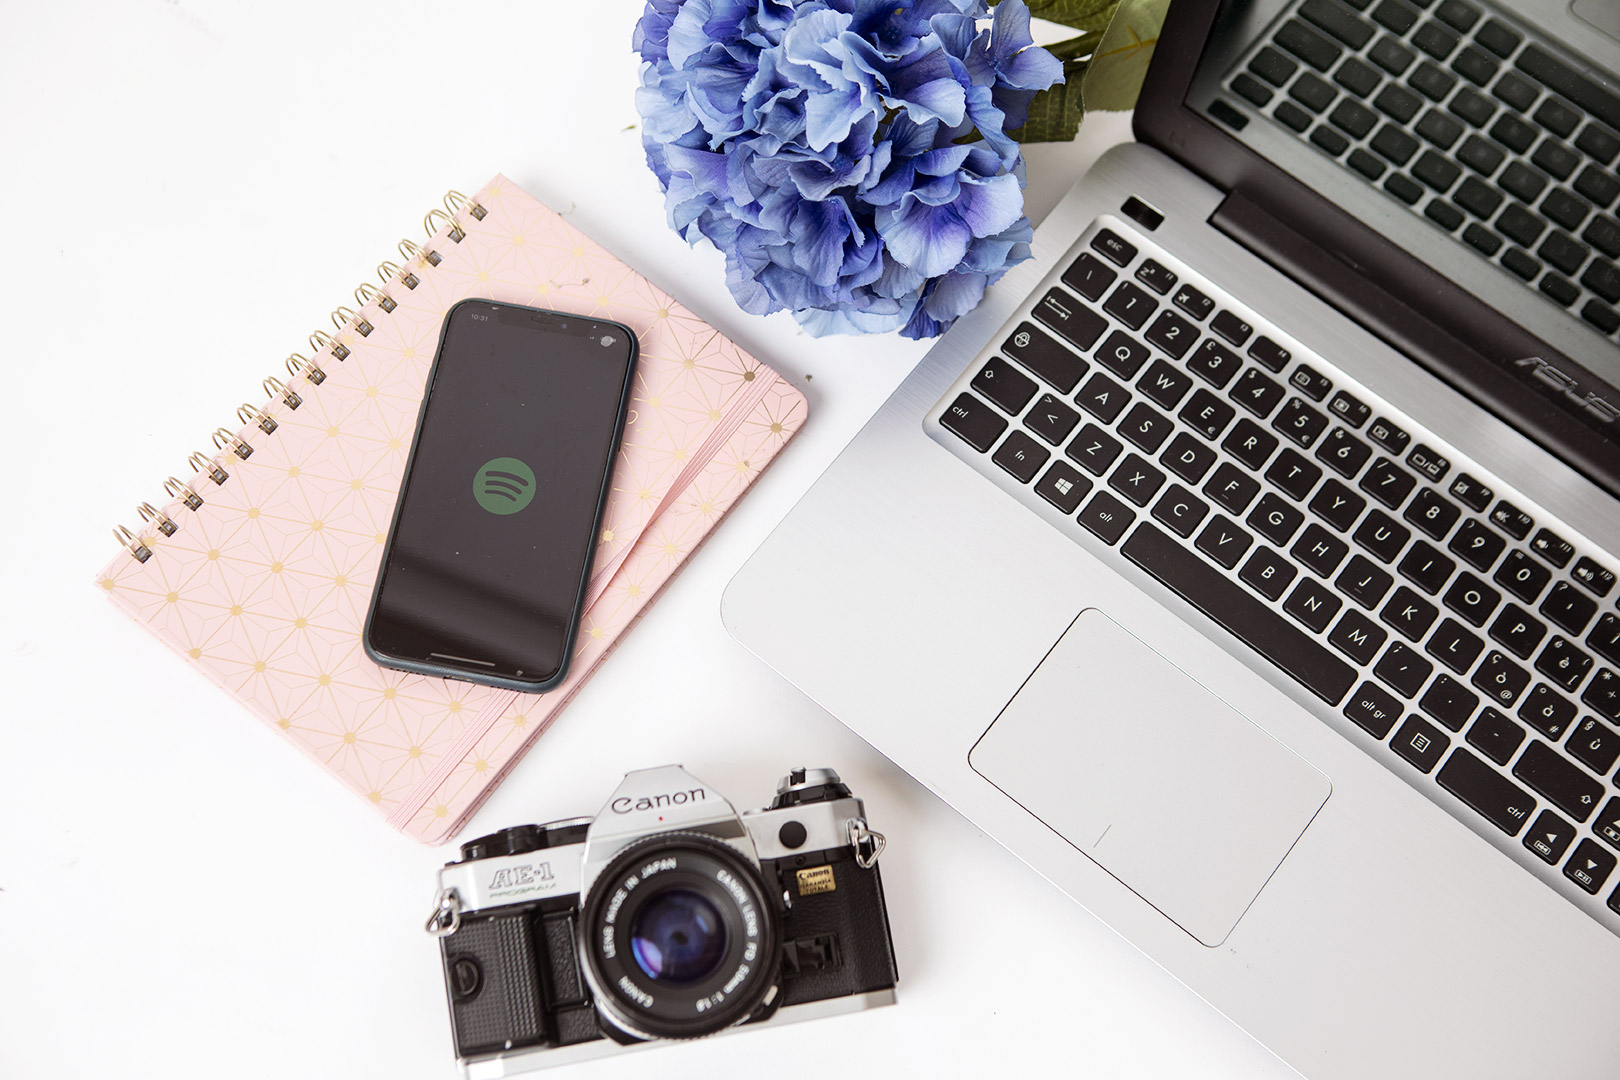 scrivania con computer, telefono, fiore